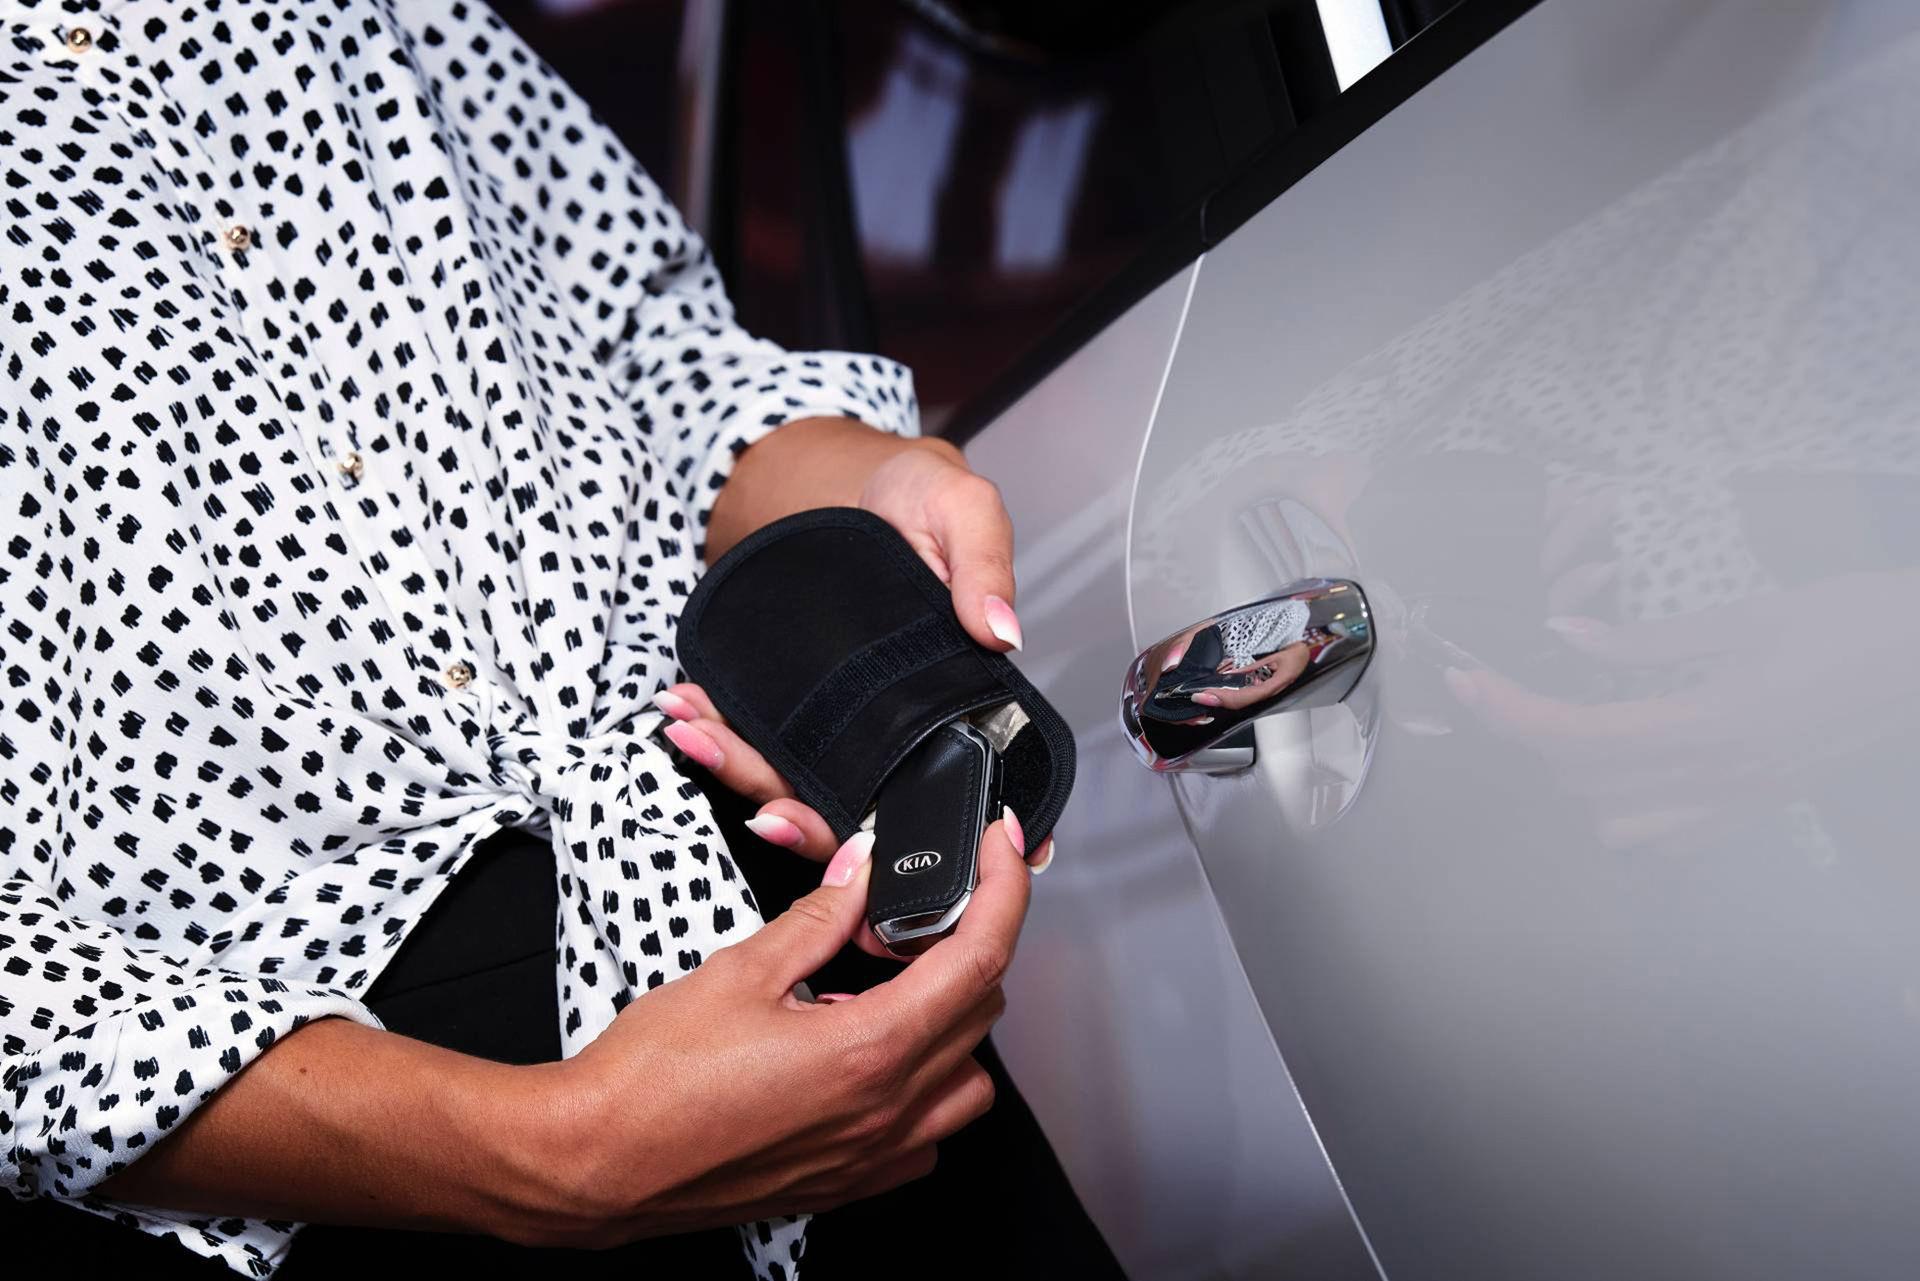 Kia släpper säker förvaring för bilnyckeln